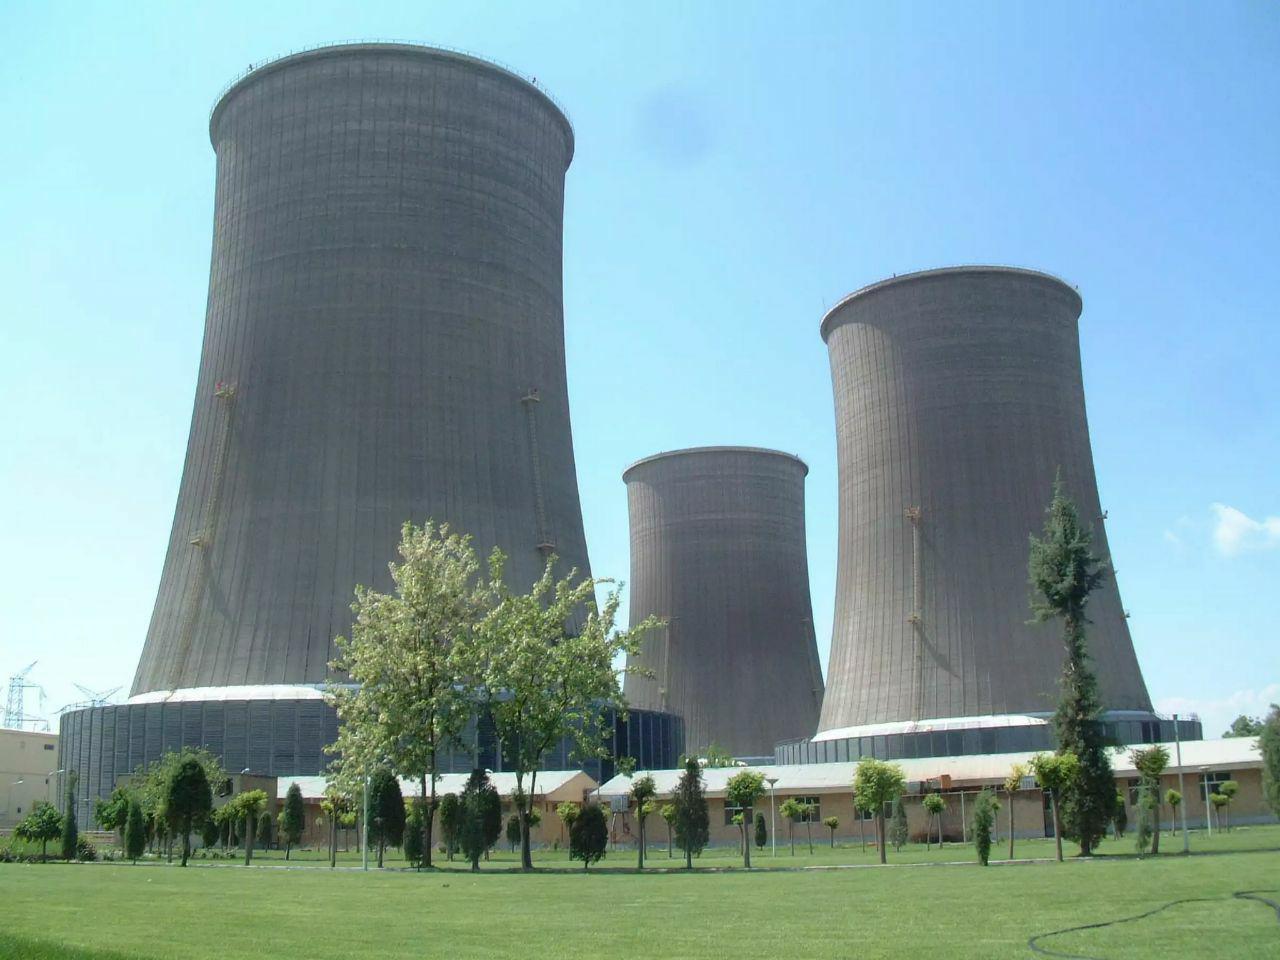 آييننامه اجرايي تأمين سوخت كمكي نيروگاههاي كشور تصويب شد